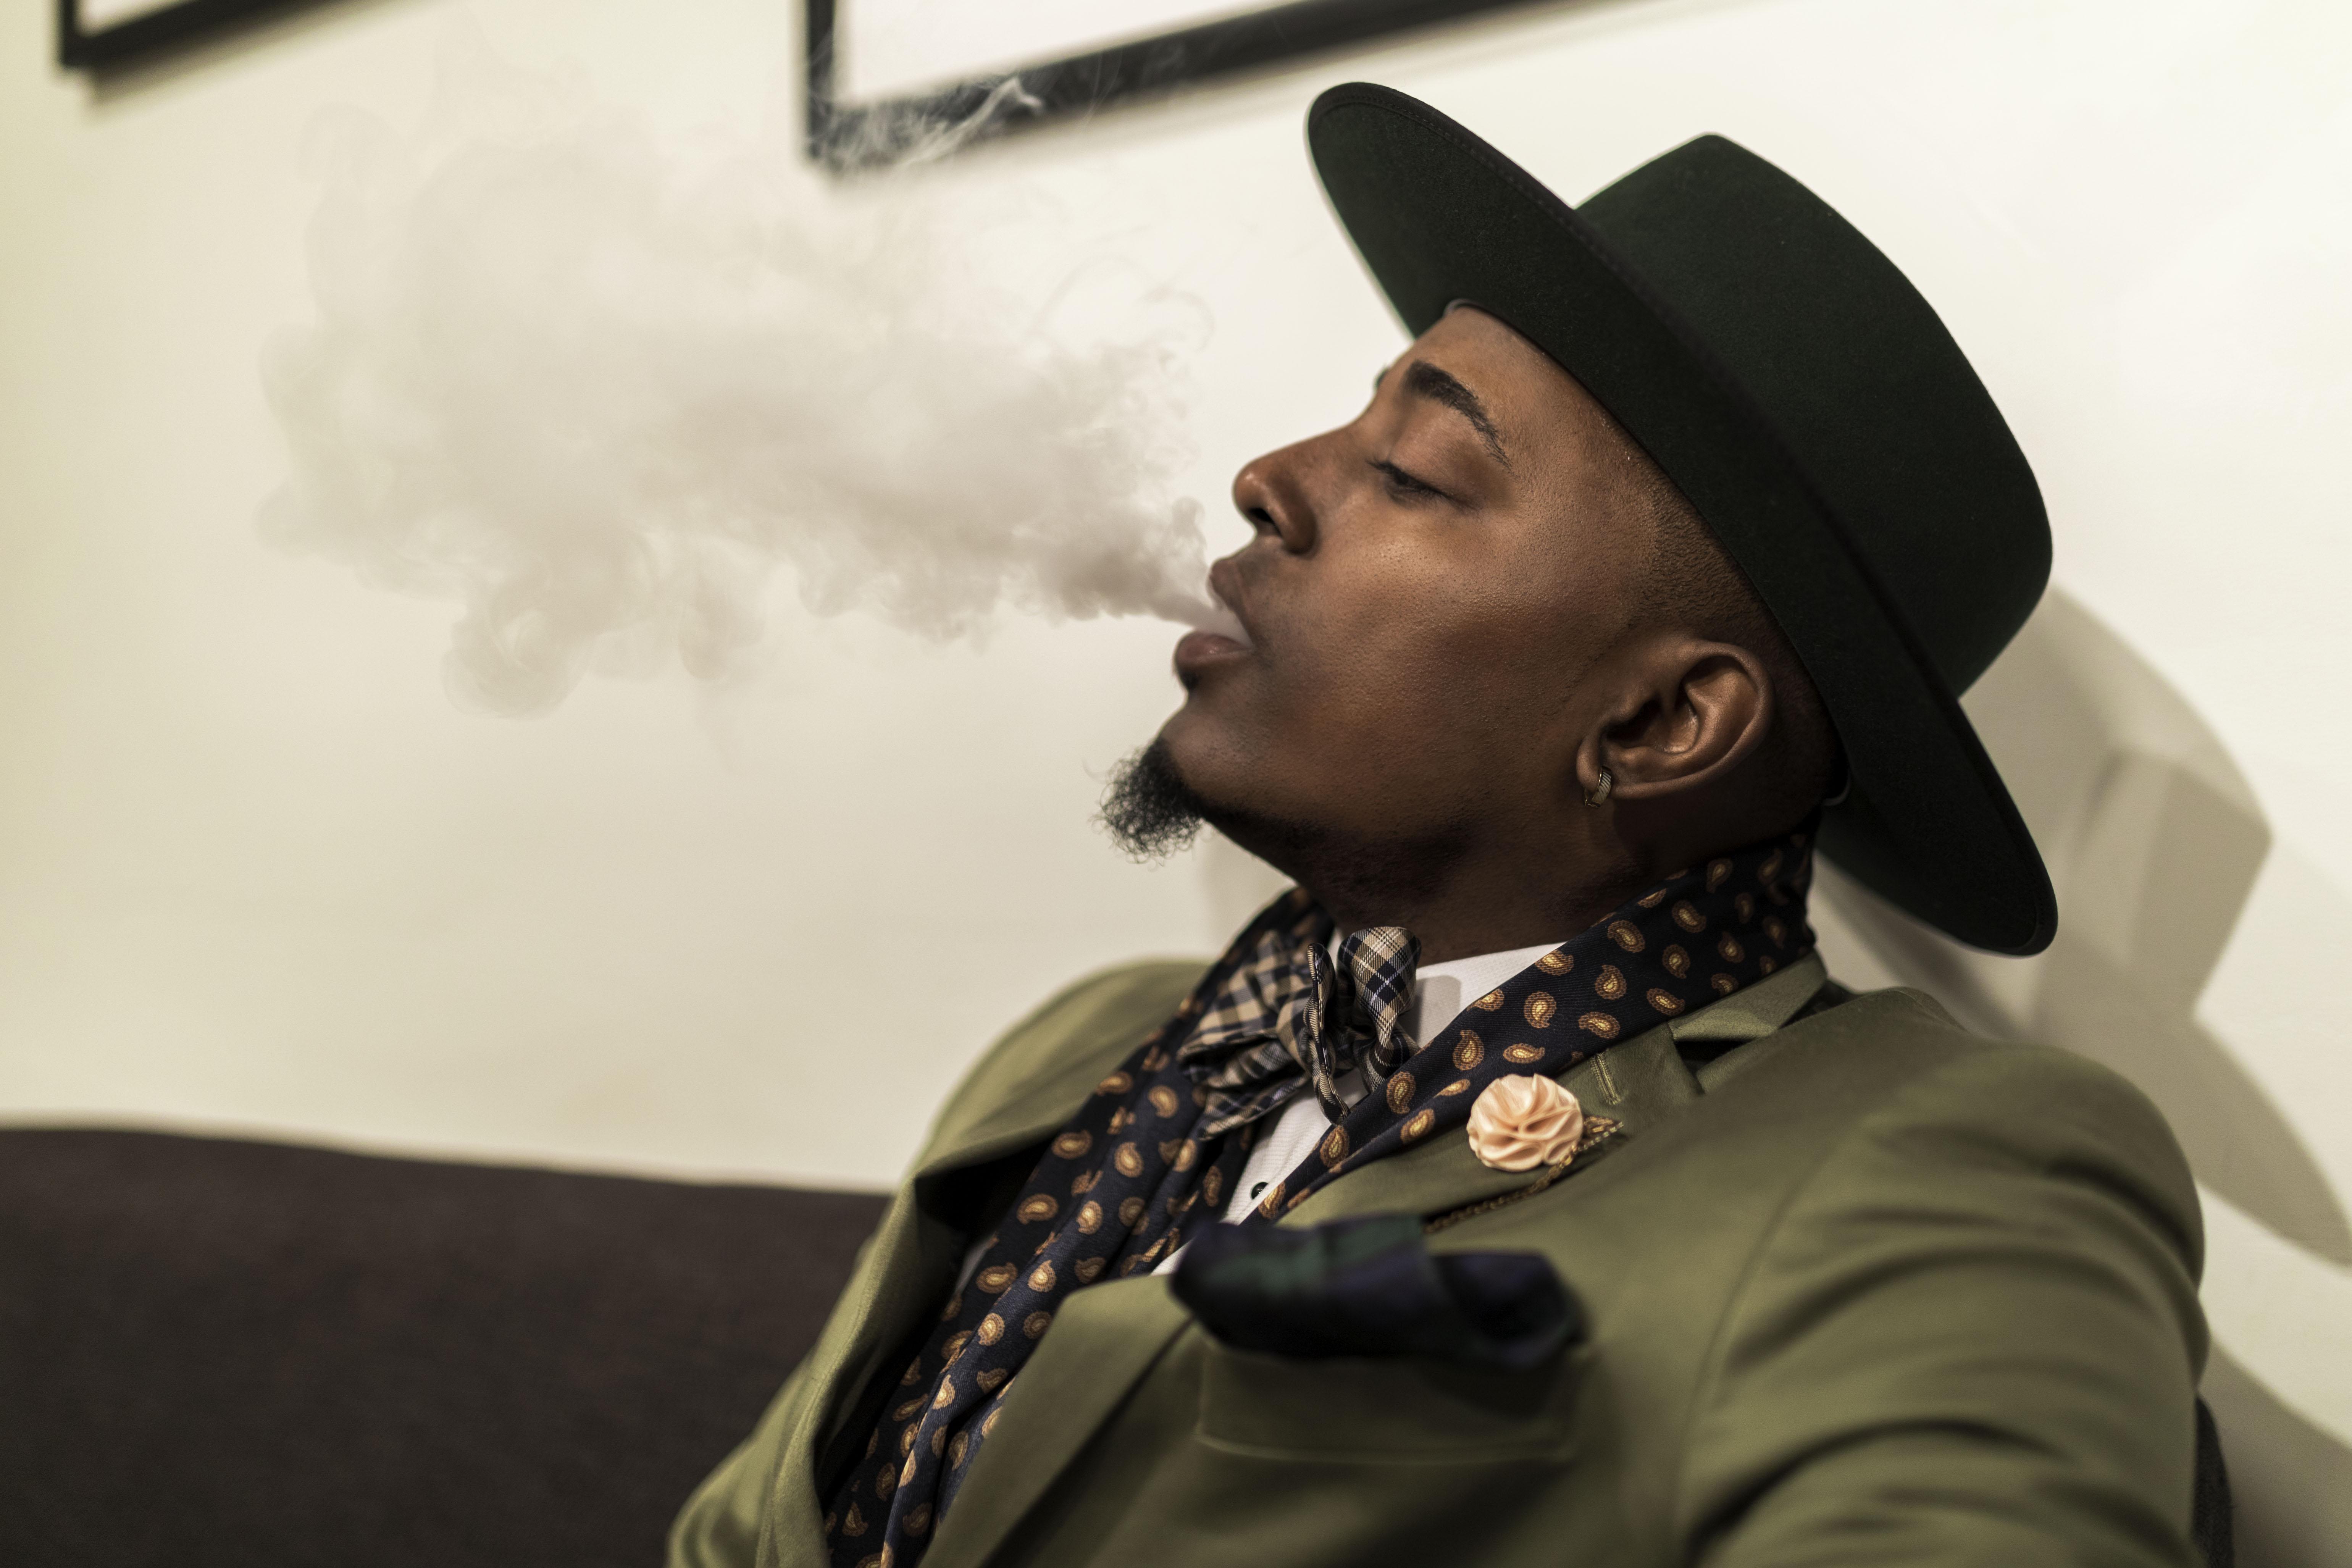 smoking person, smoking person